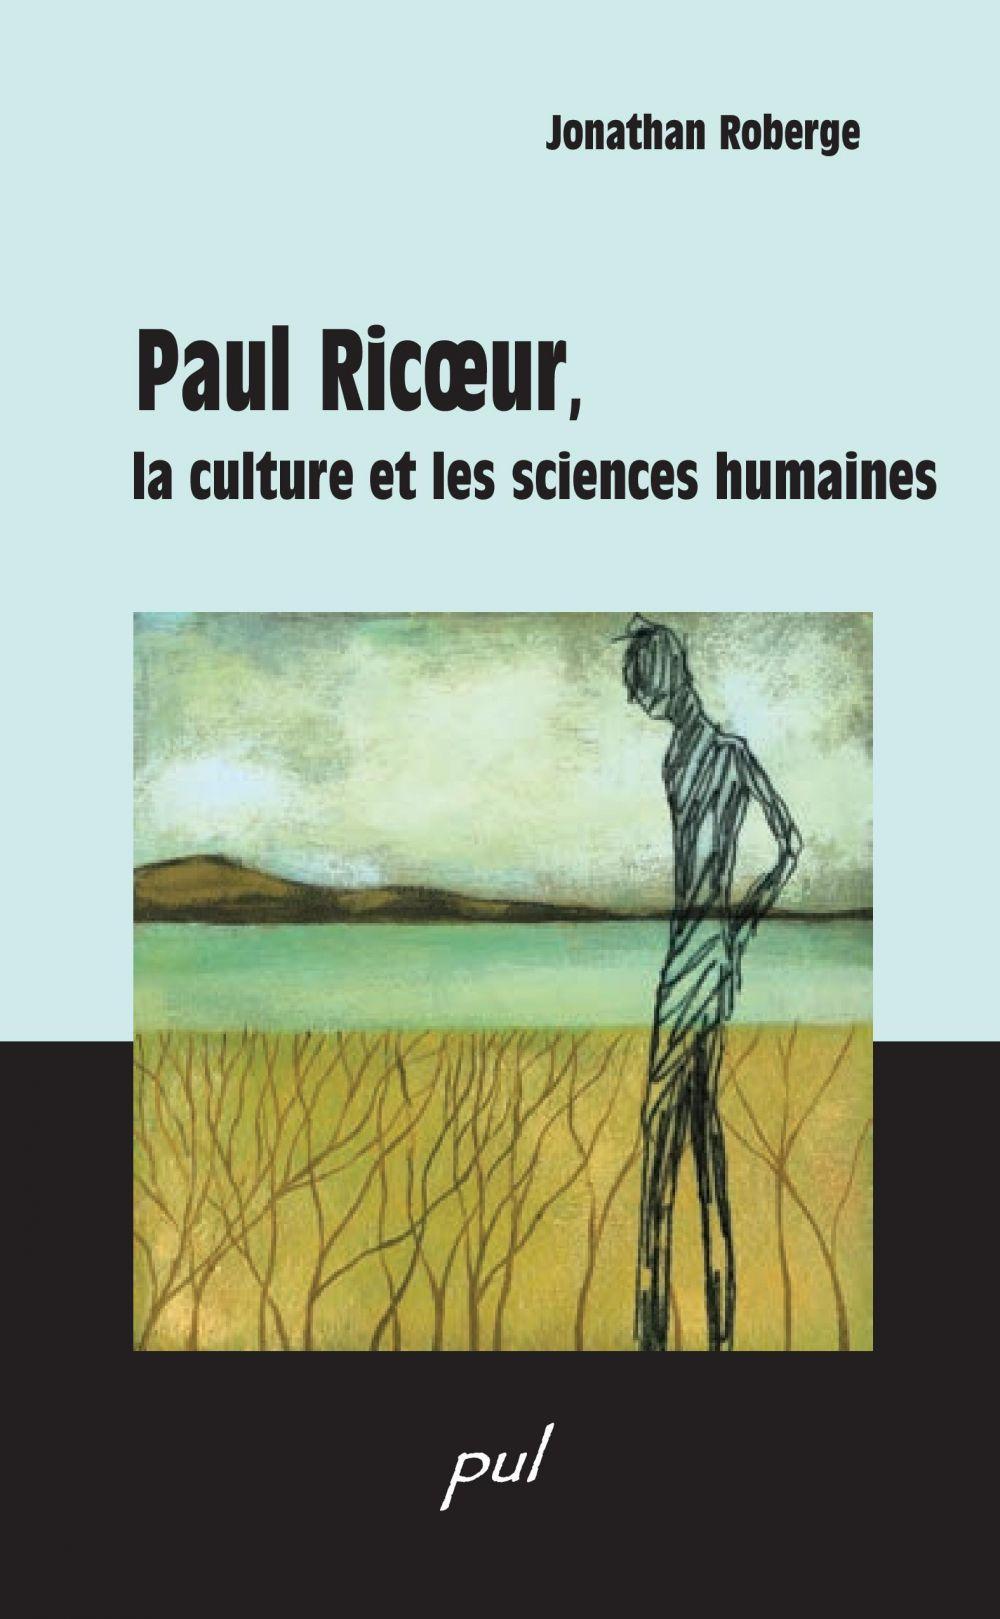 Vignette du livre Paul Ricoeur, culture scienceshumaines